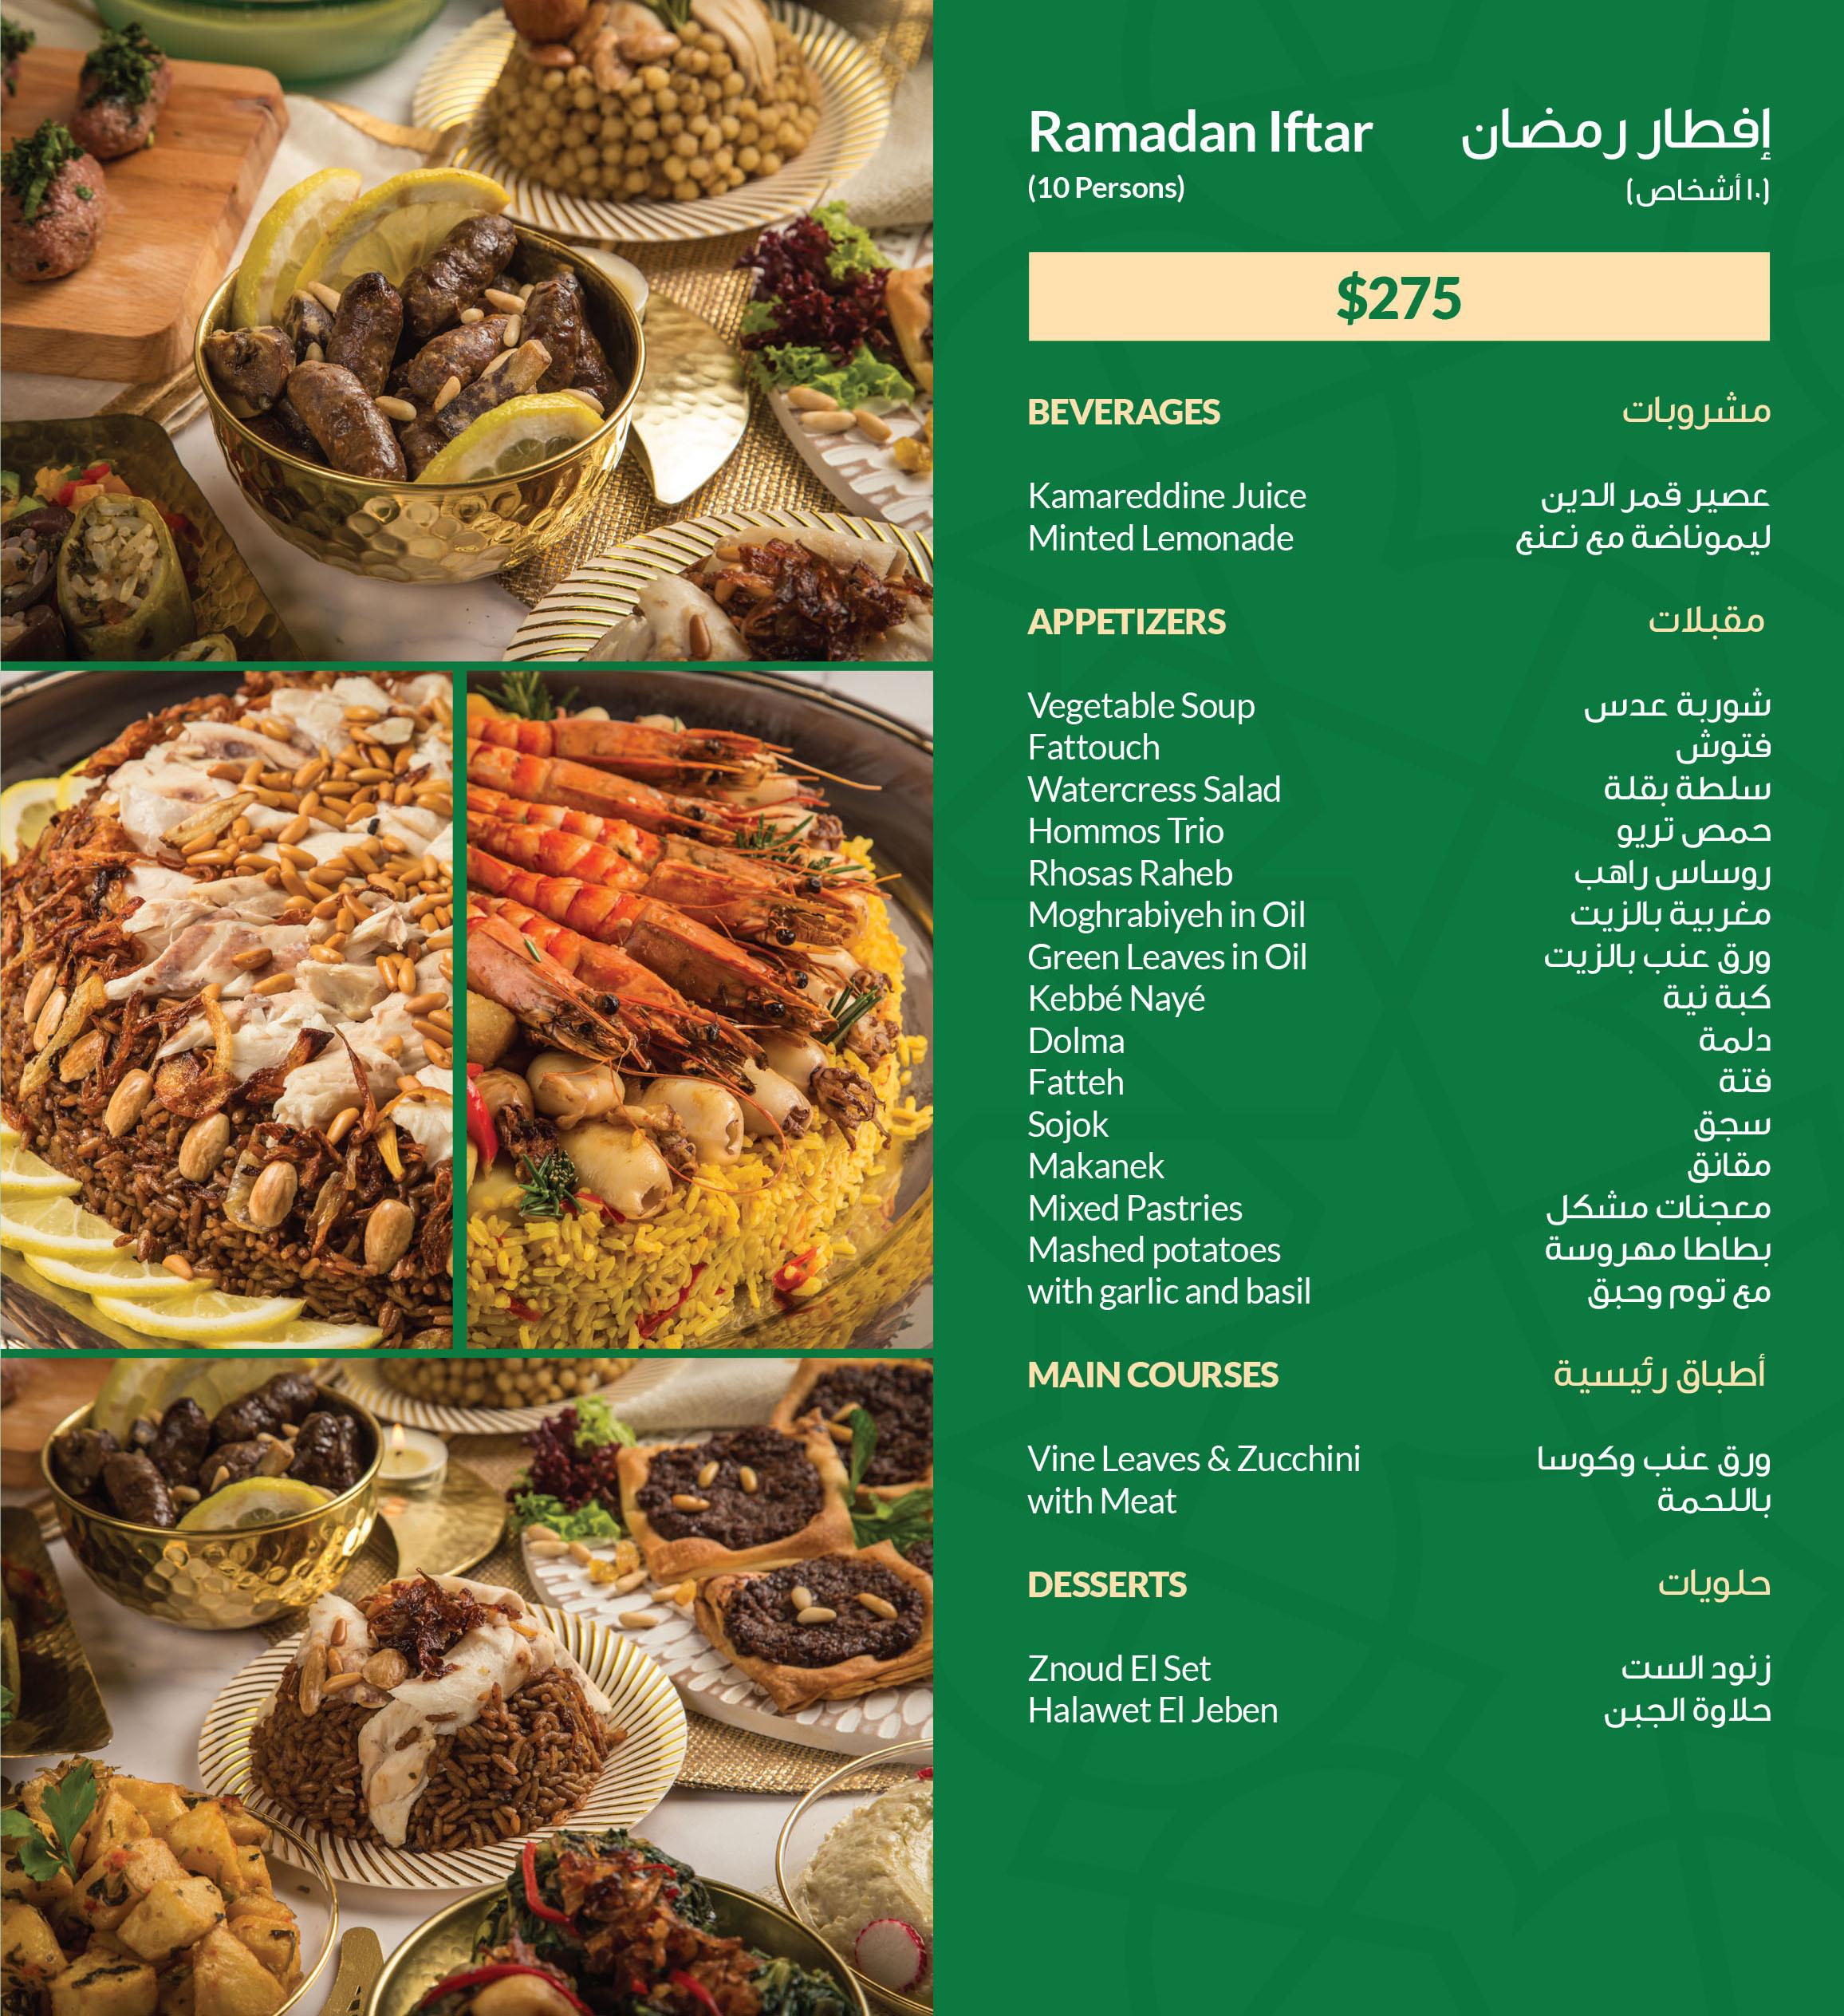 Ramadan Iftar (10 prs)